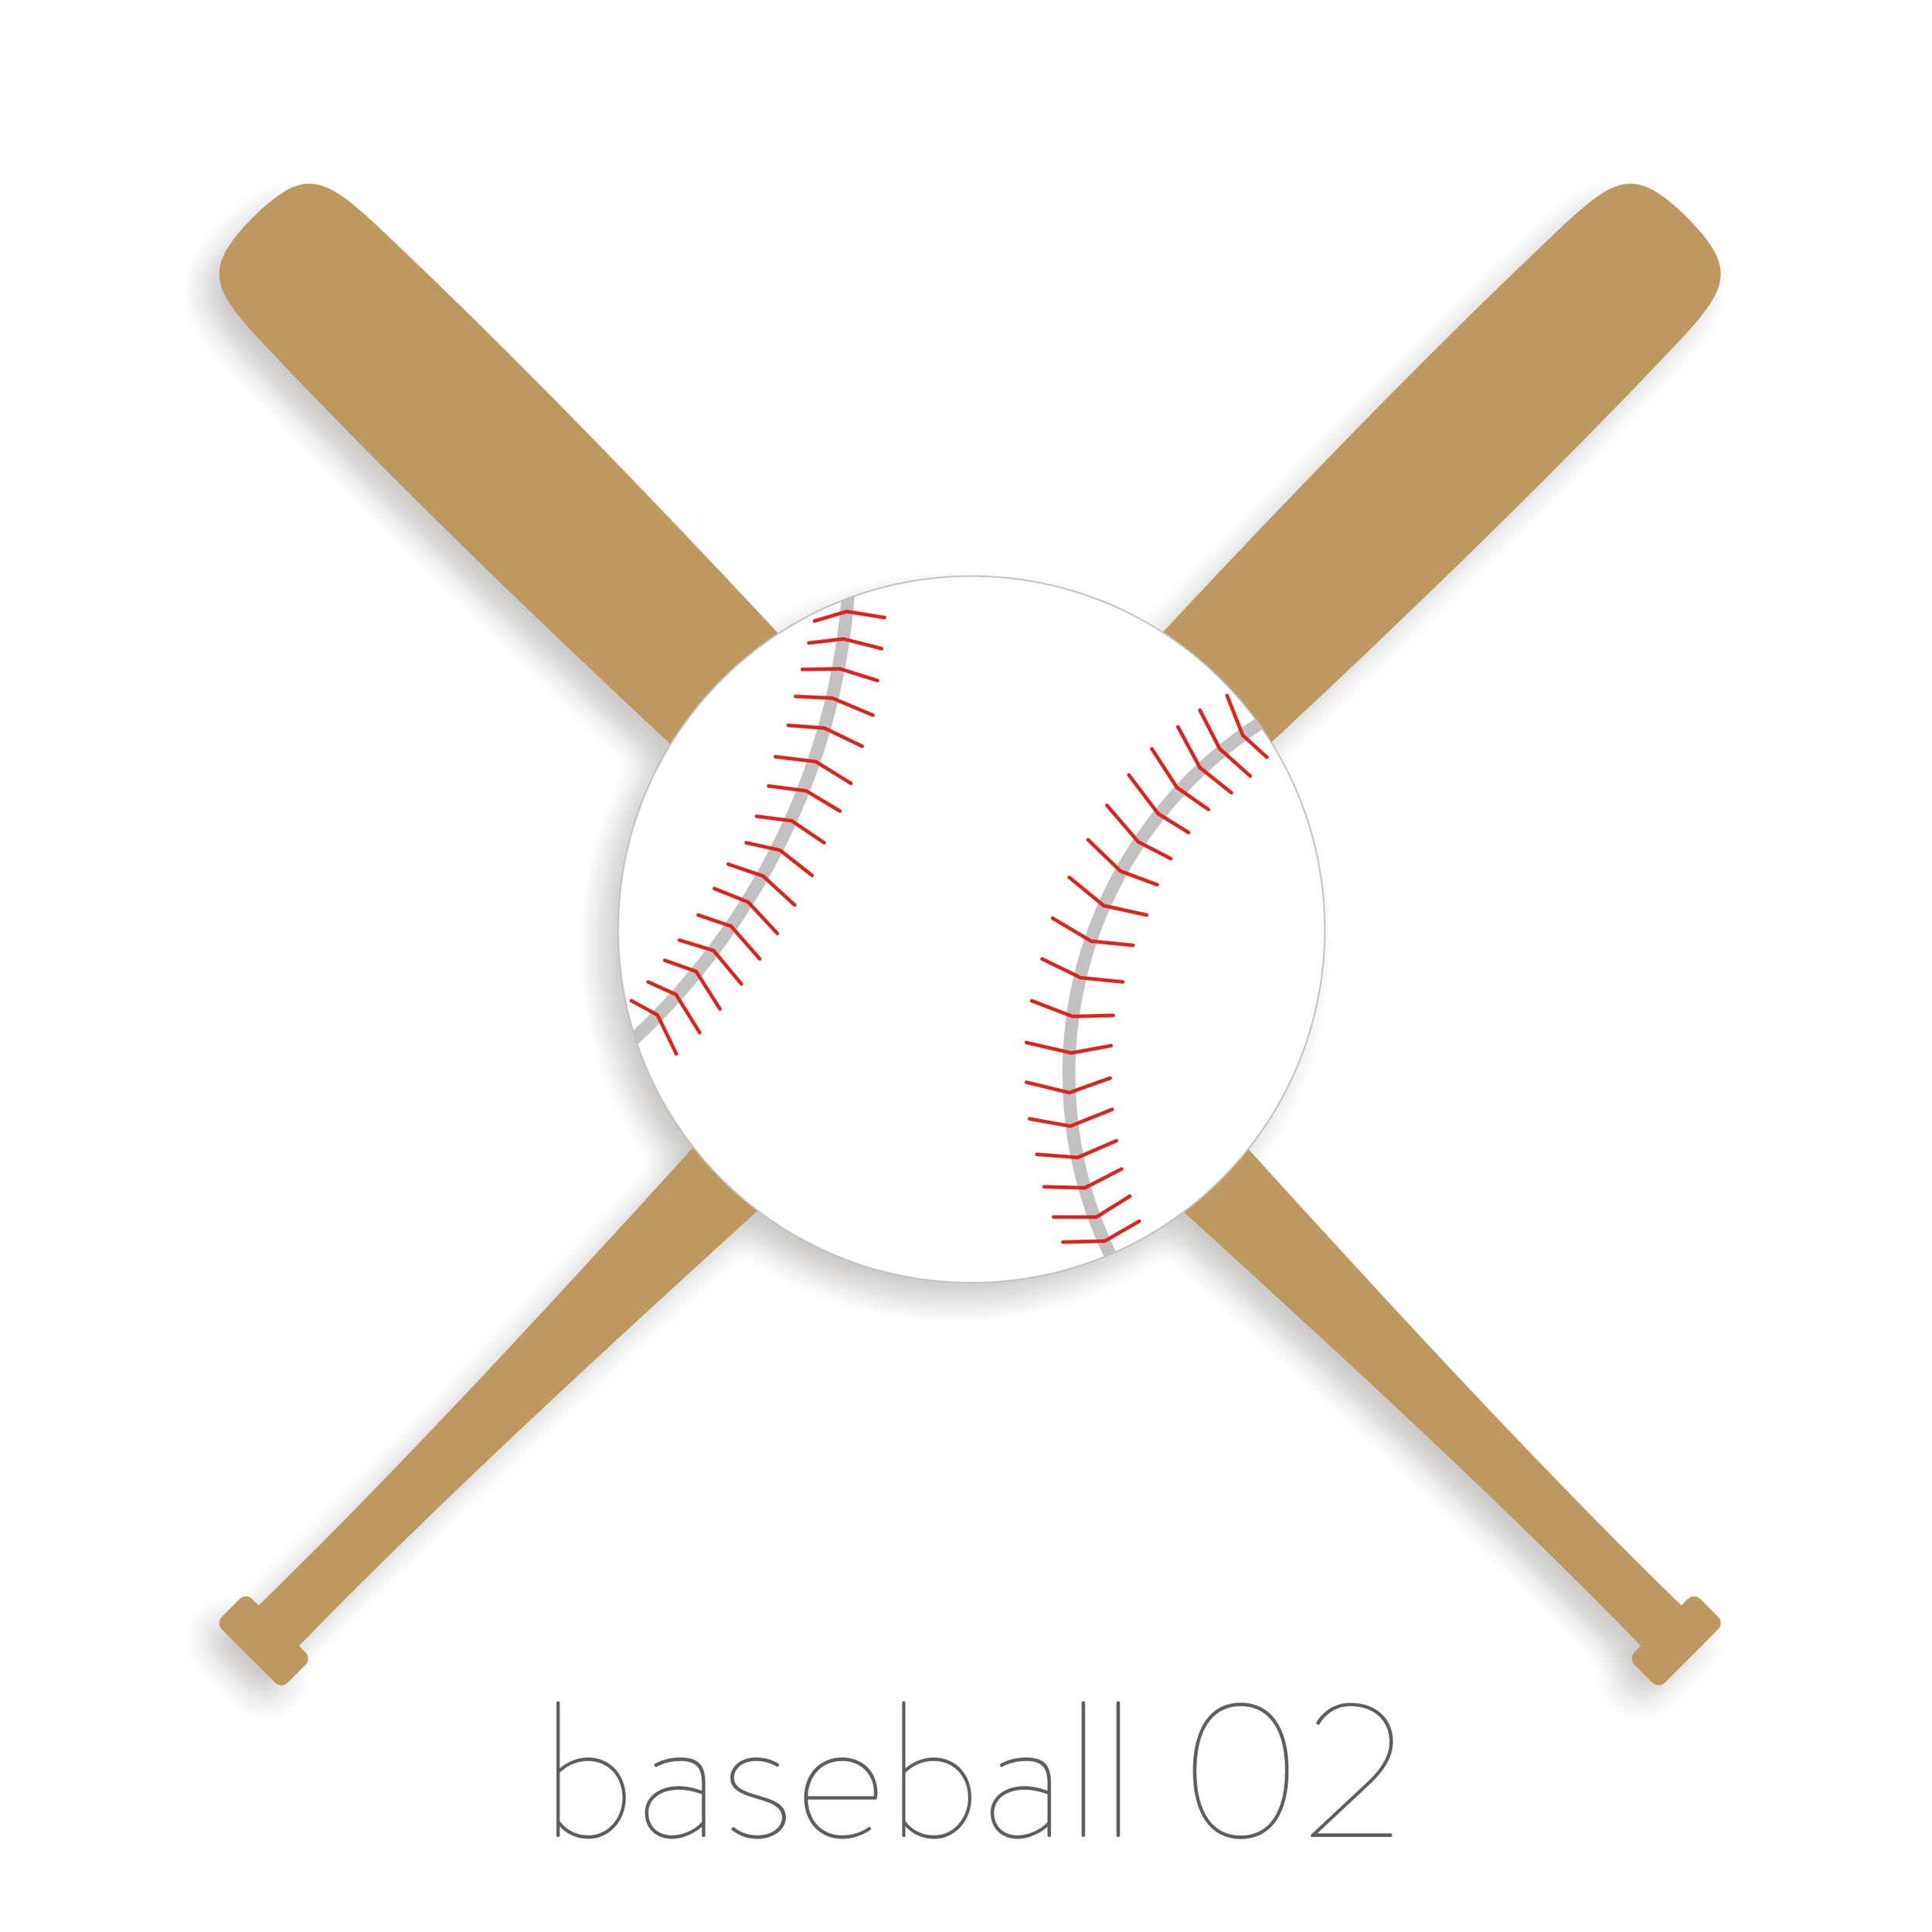 baseball 02.png